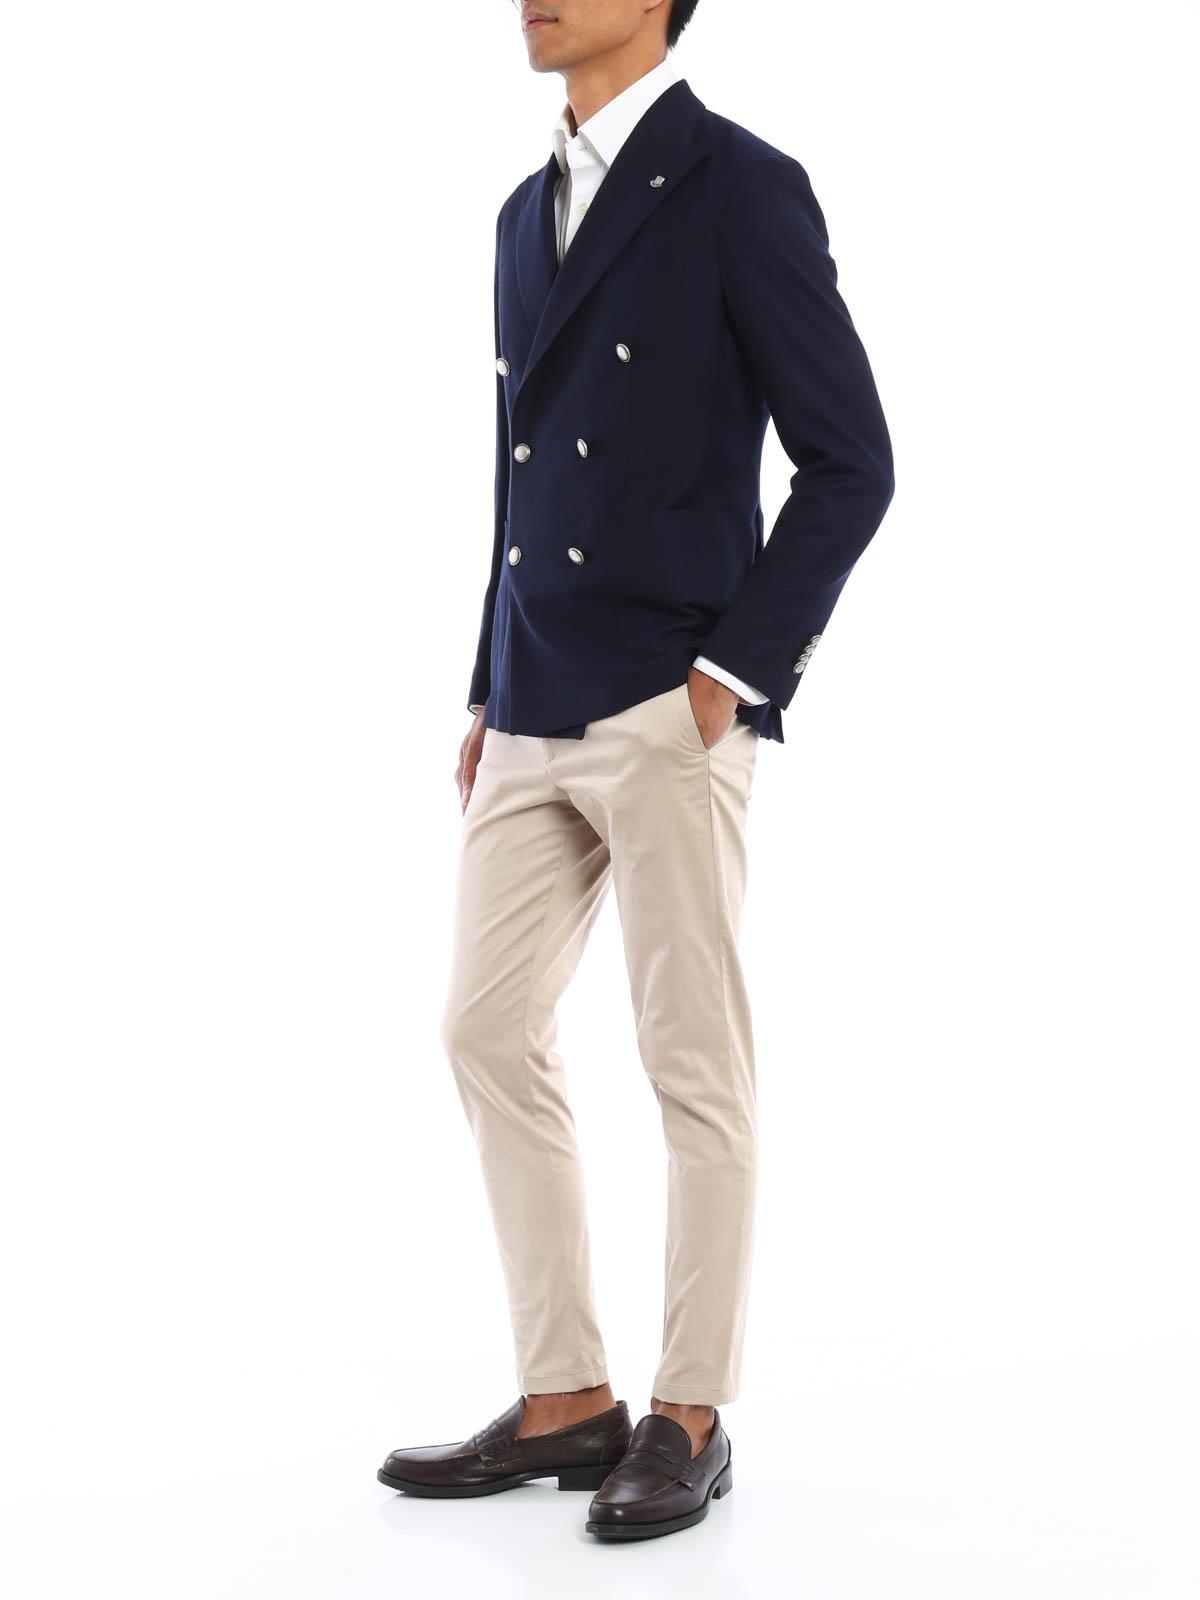 separation shoes c3222 c7311 Tagliatore - Giacca doppiopetto in lana vergine - giacche ...